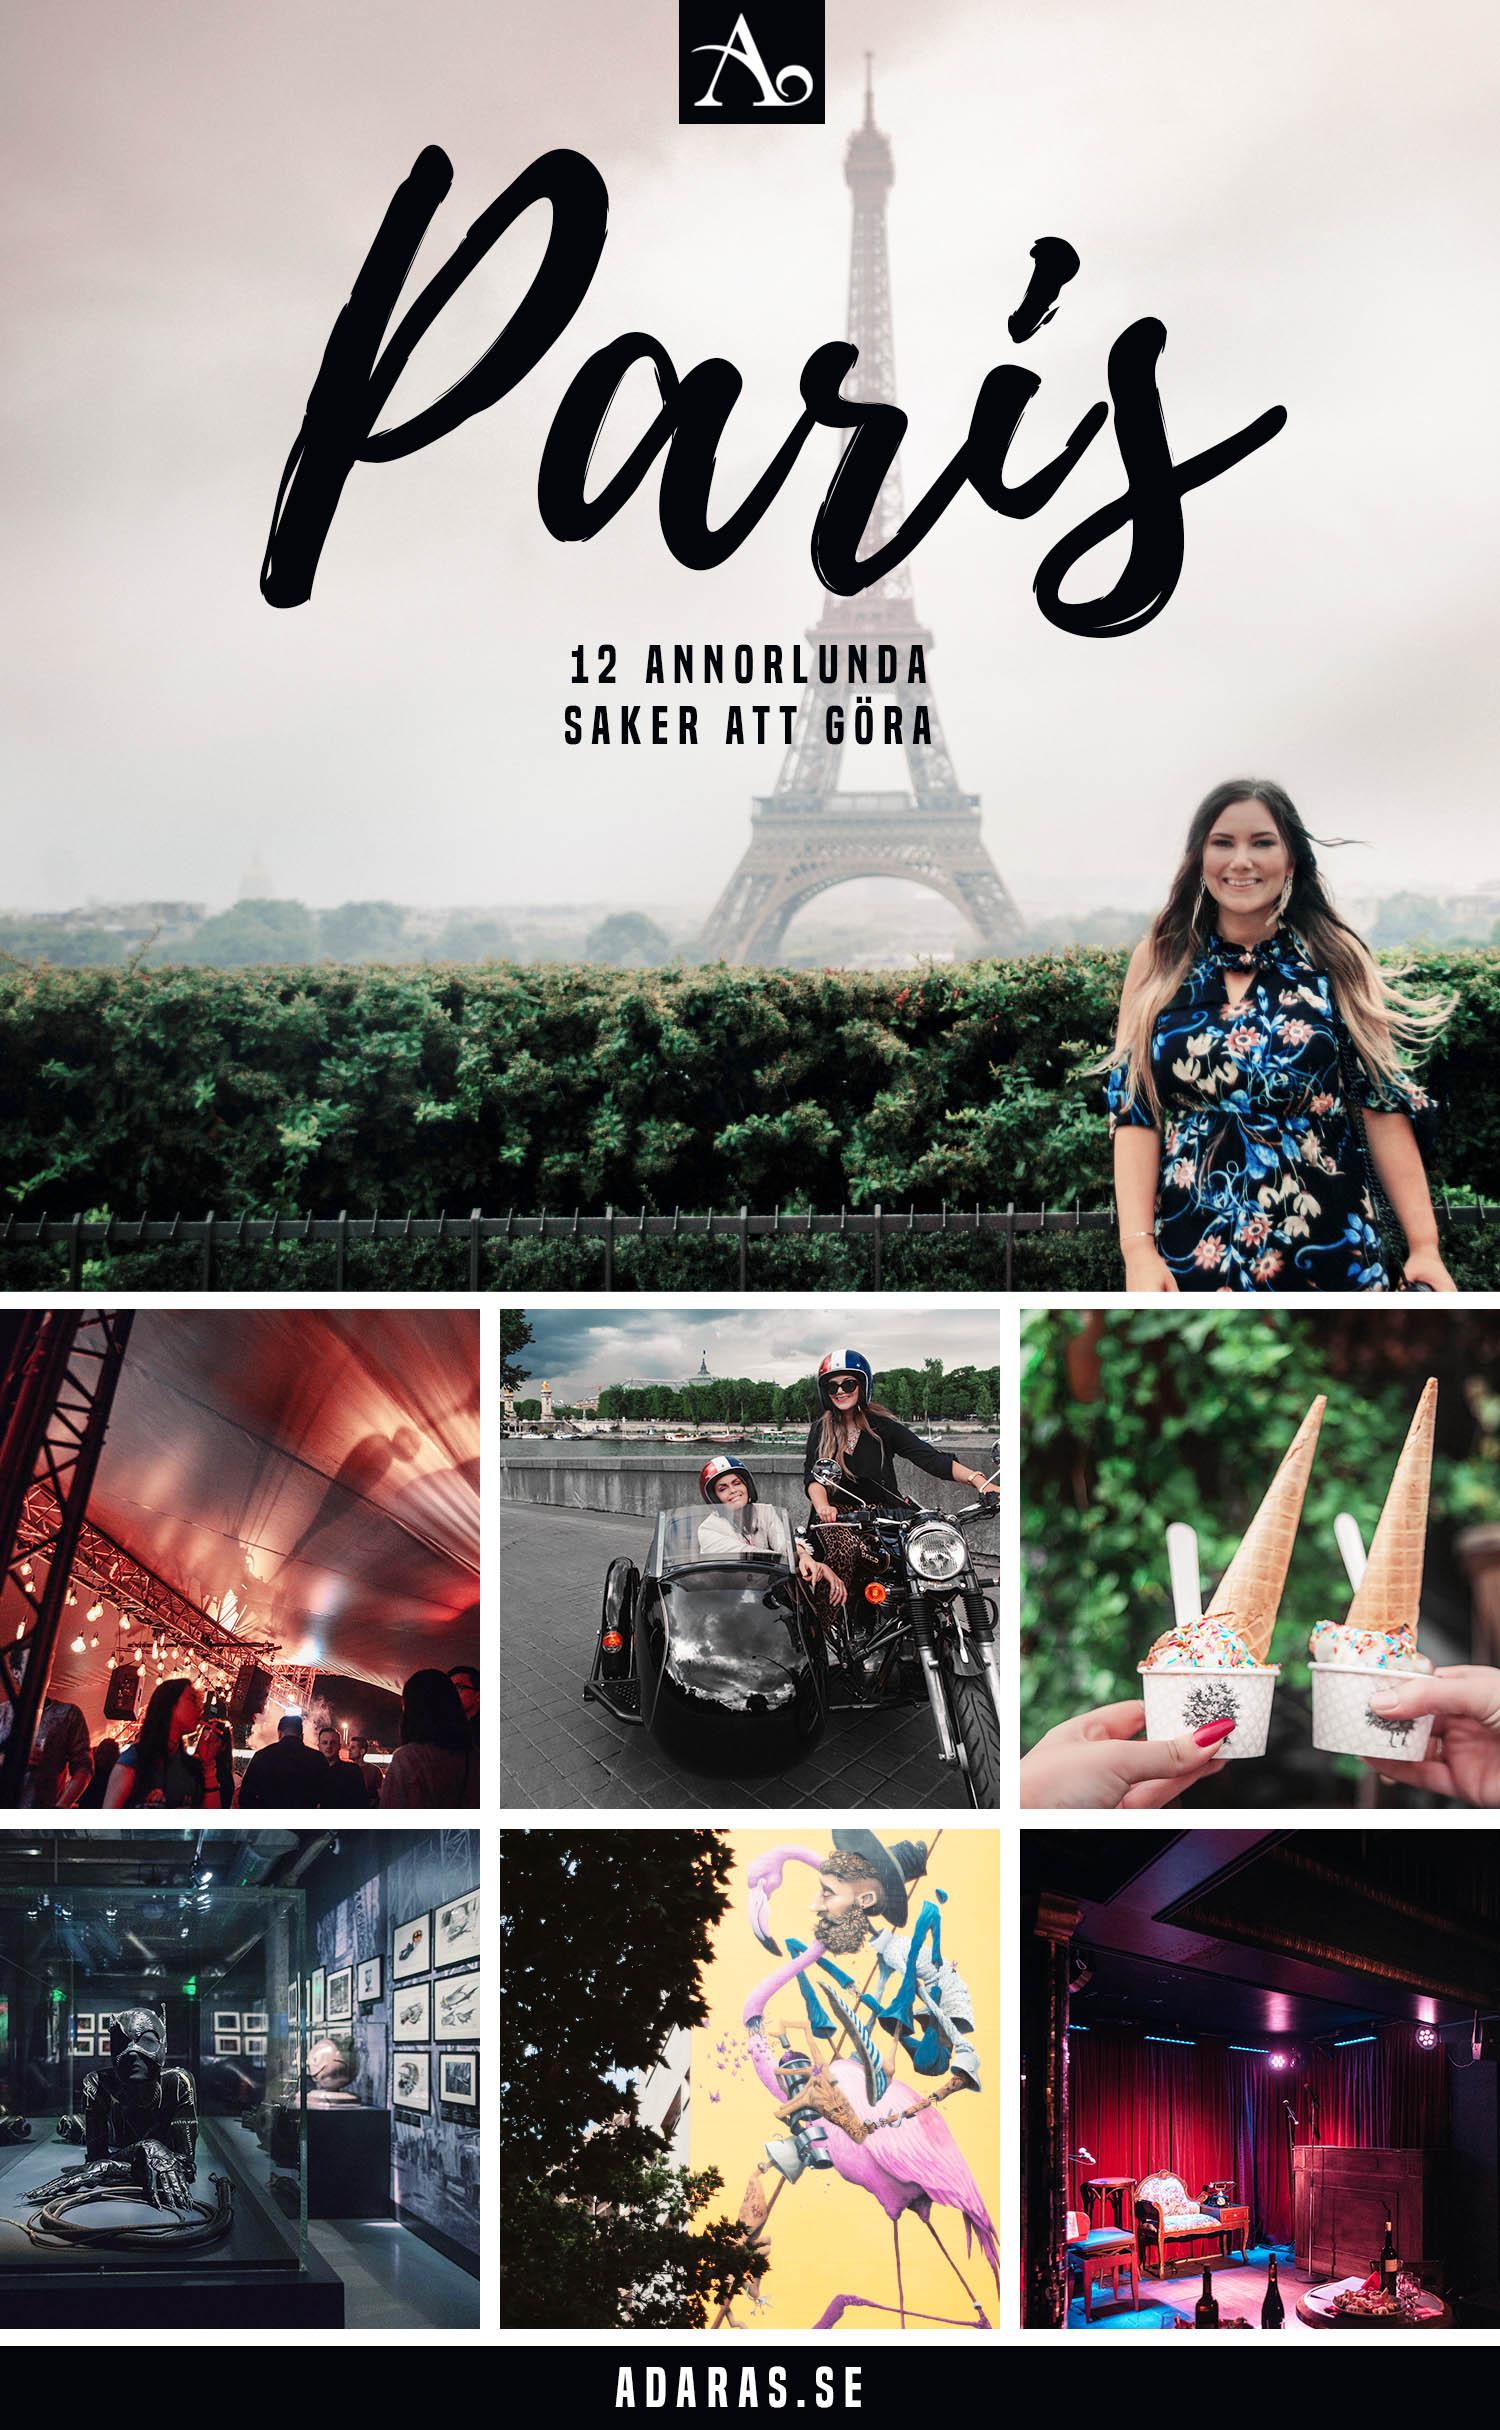 12 Annorlunda Saker att Göra i Paris